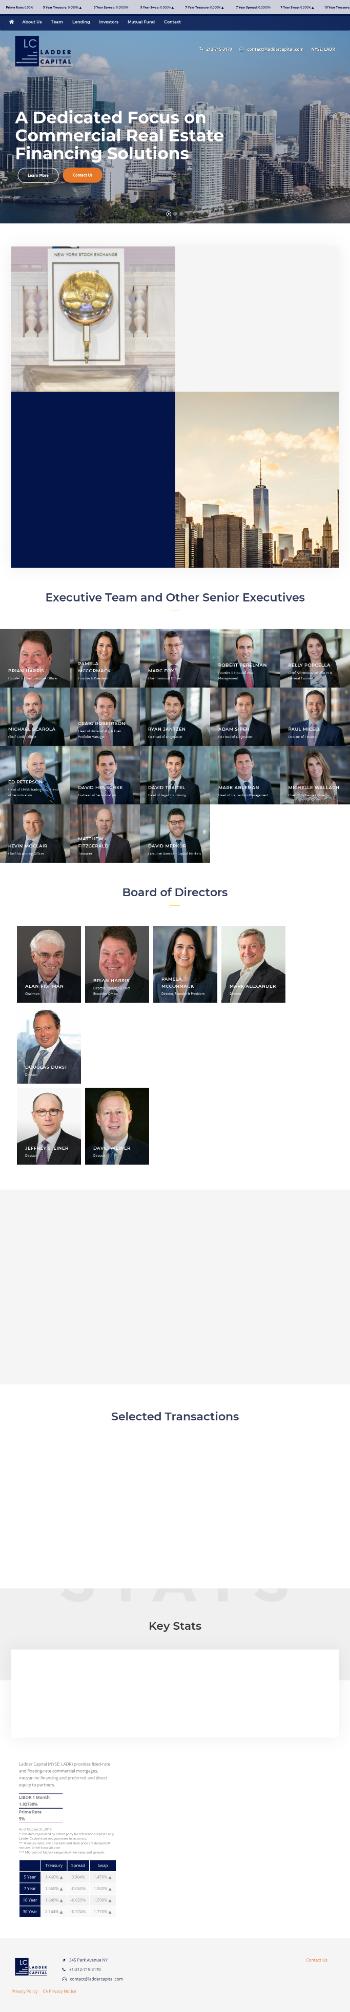 Ladder Capital Corp Website Screenshot